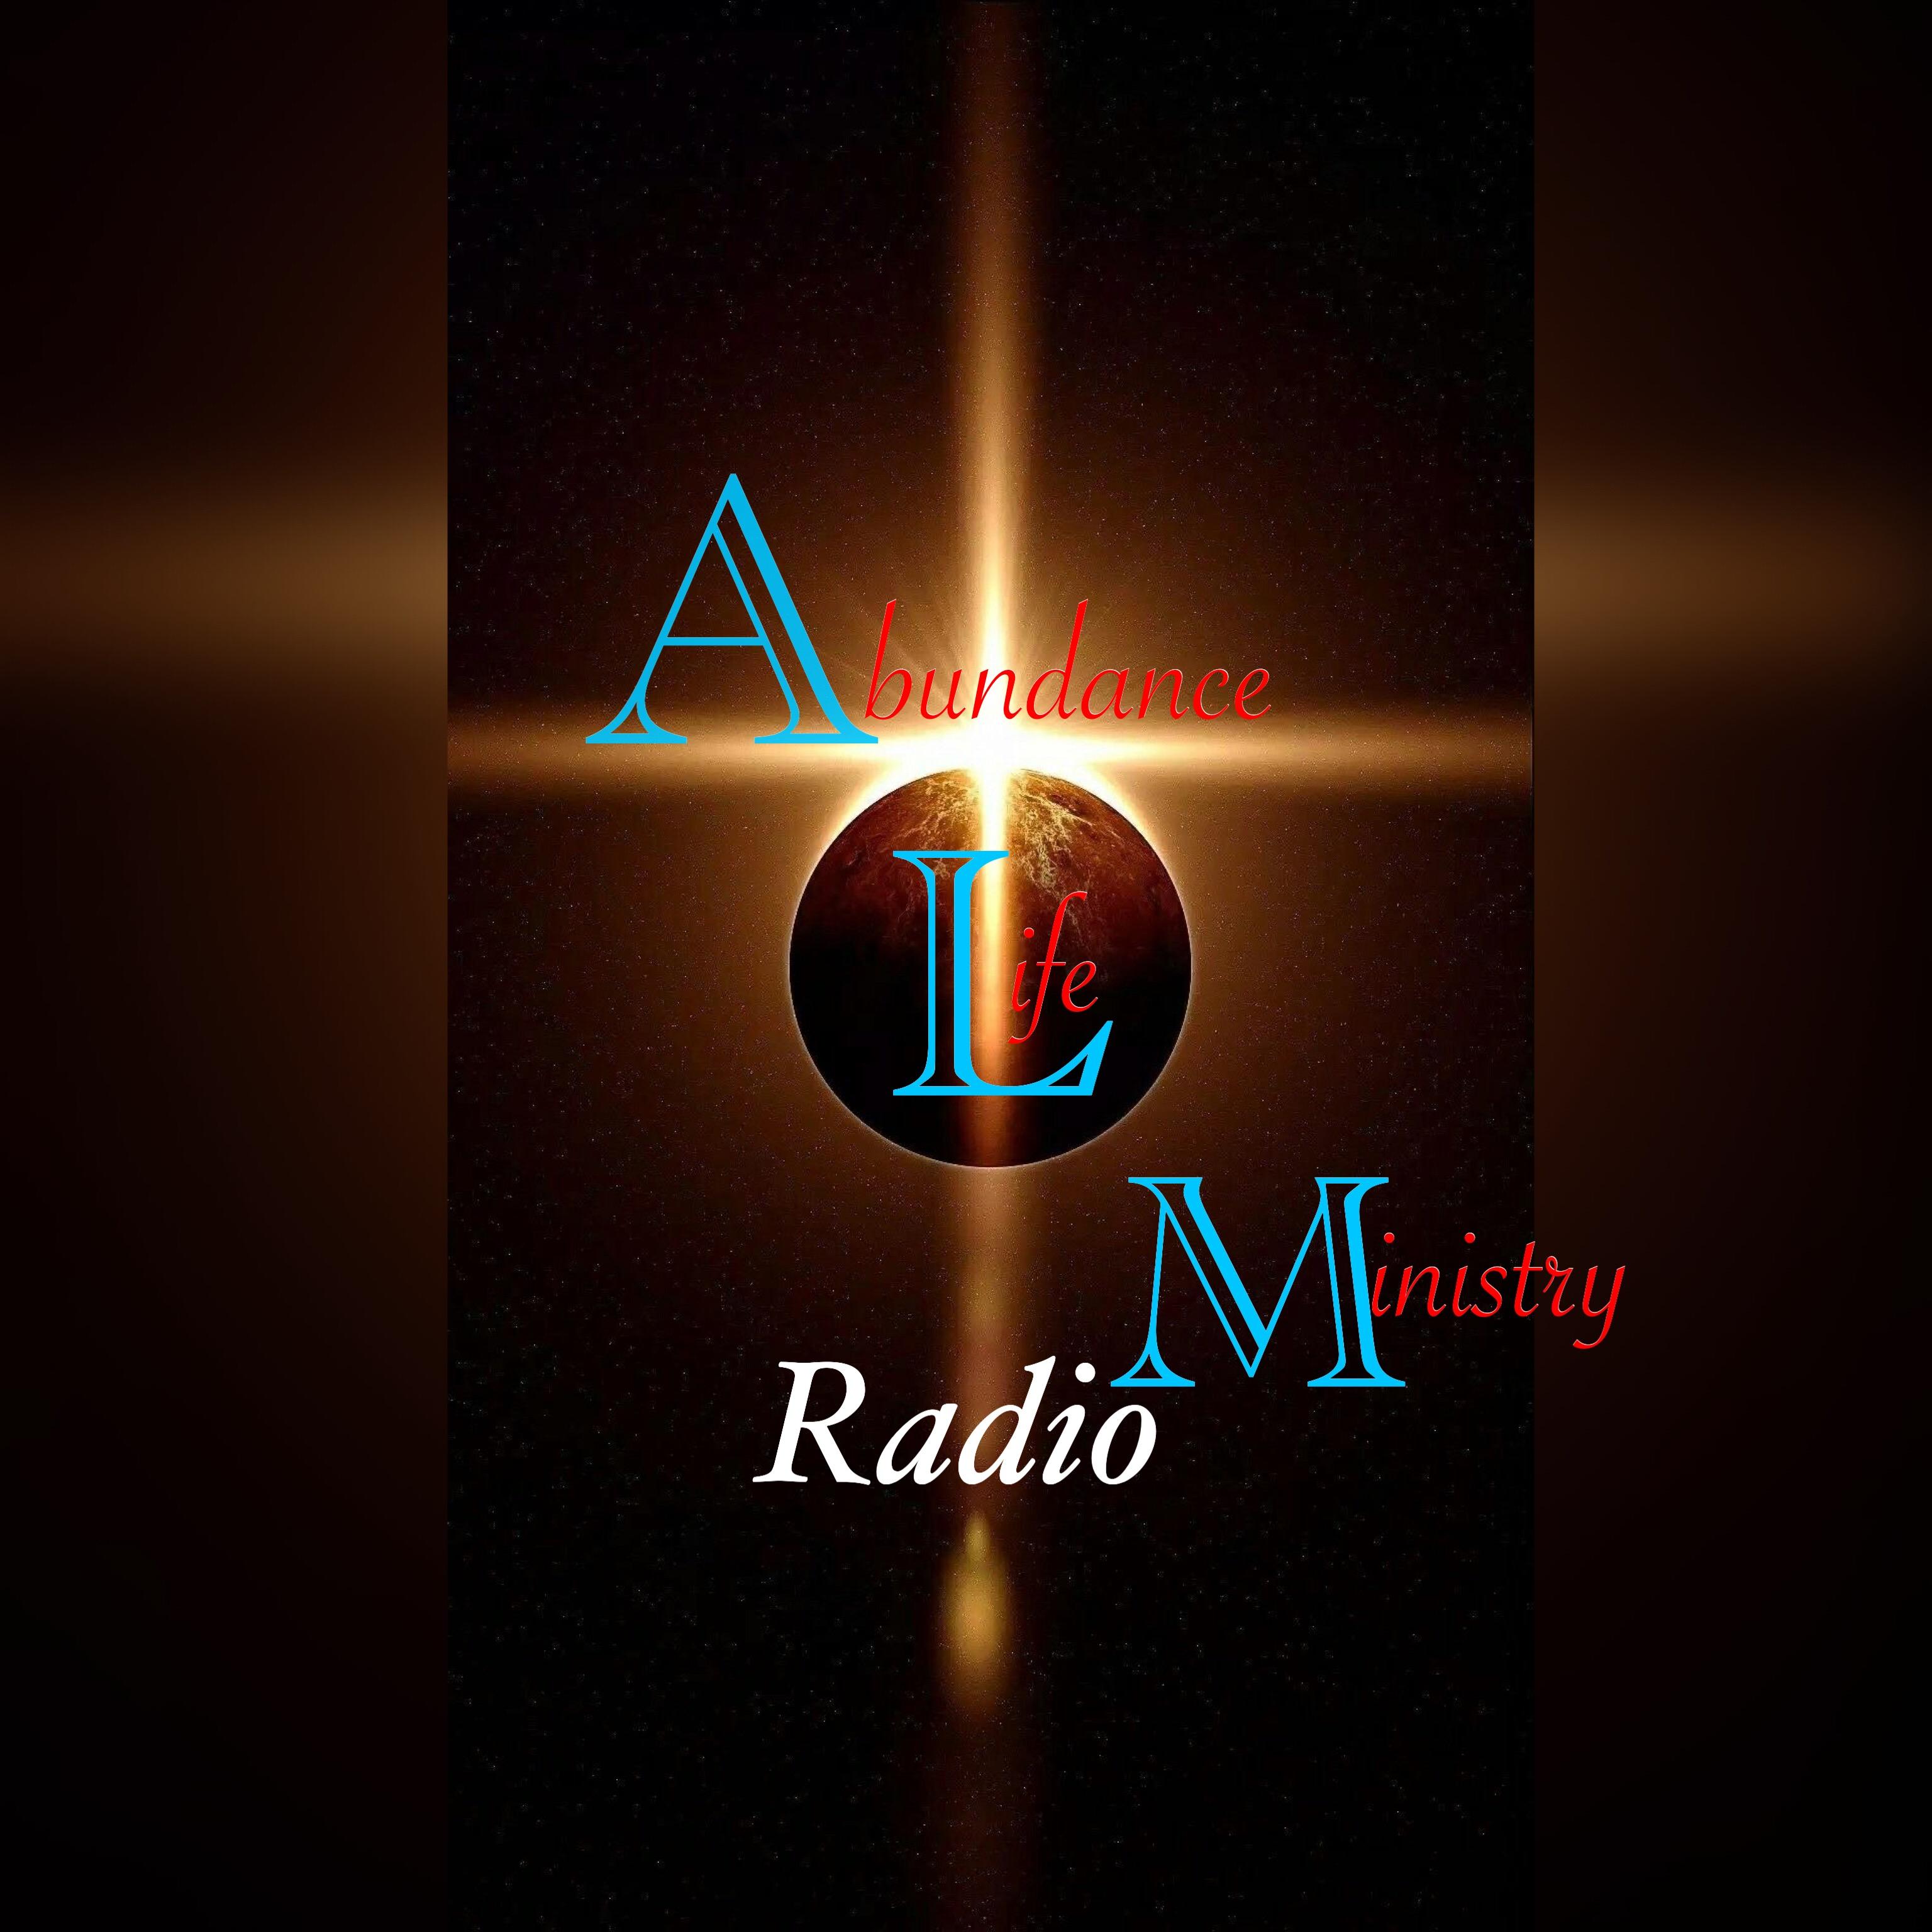 Abundance of Life Radio (VSC Gospel Network)